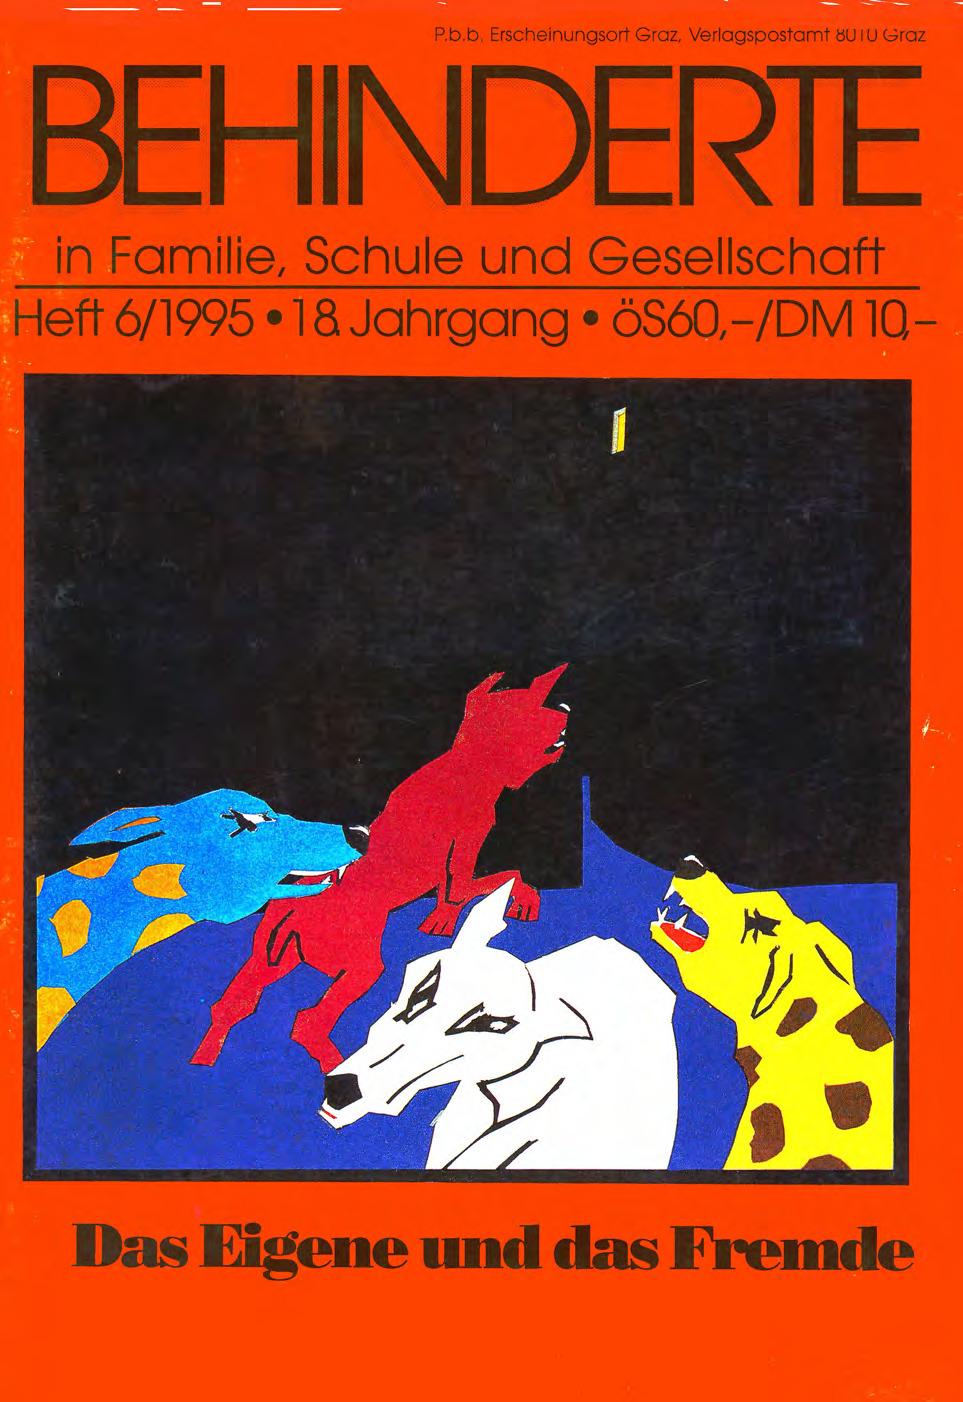 """Titelbild der Zeitschrift BEHINDERTE MENSCHEN, Ausgabe 6/1995 """"Das Eigene und das Fremde"""""""